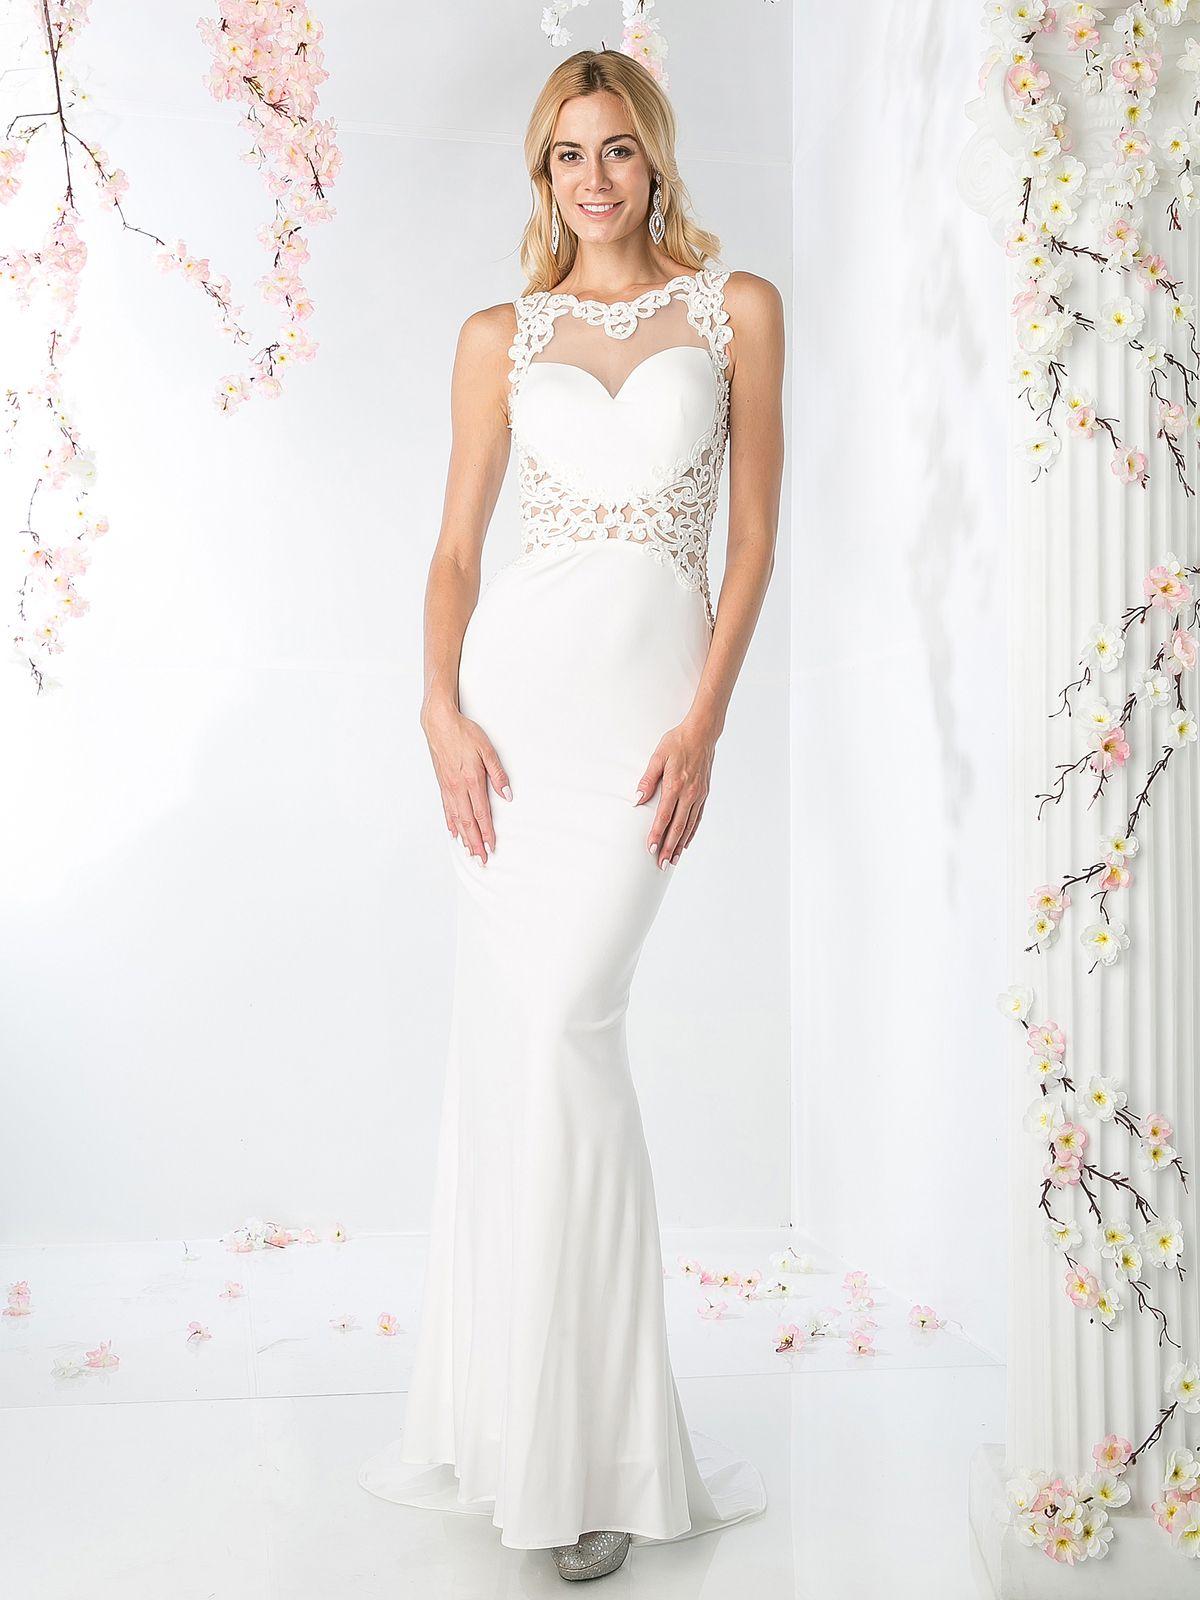 Cinderella Design Dress Style #AC359, BRIDAL & FORMAL BY